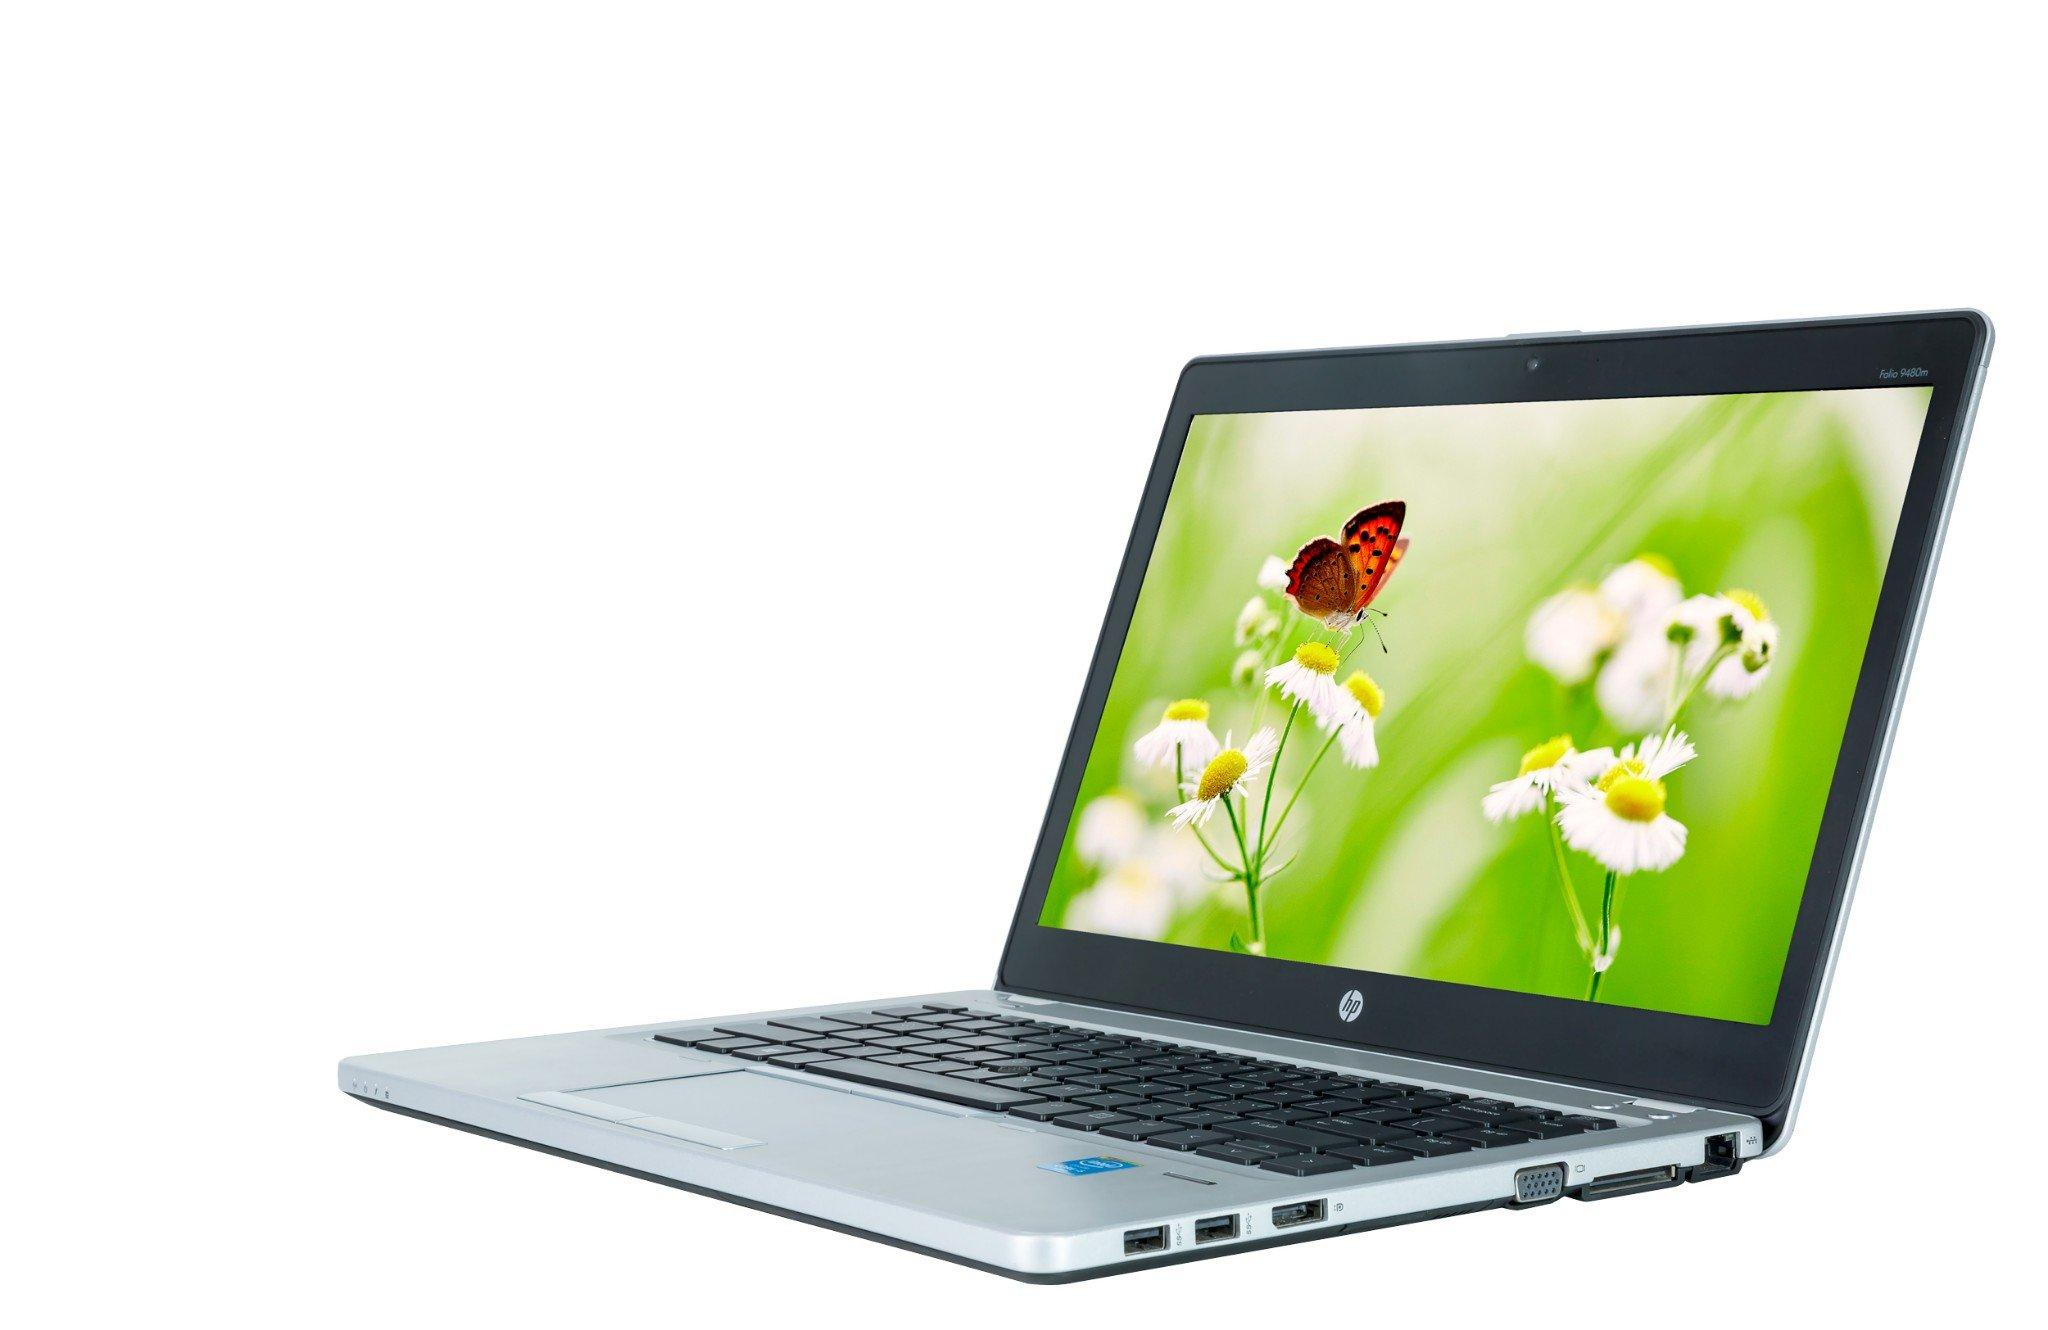 HP 9480M